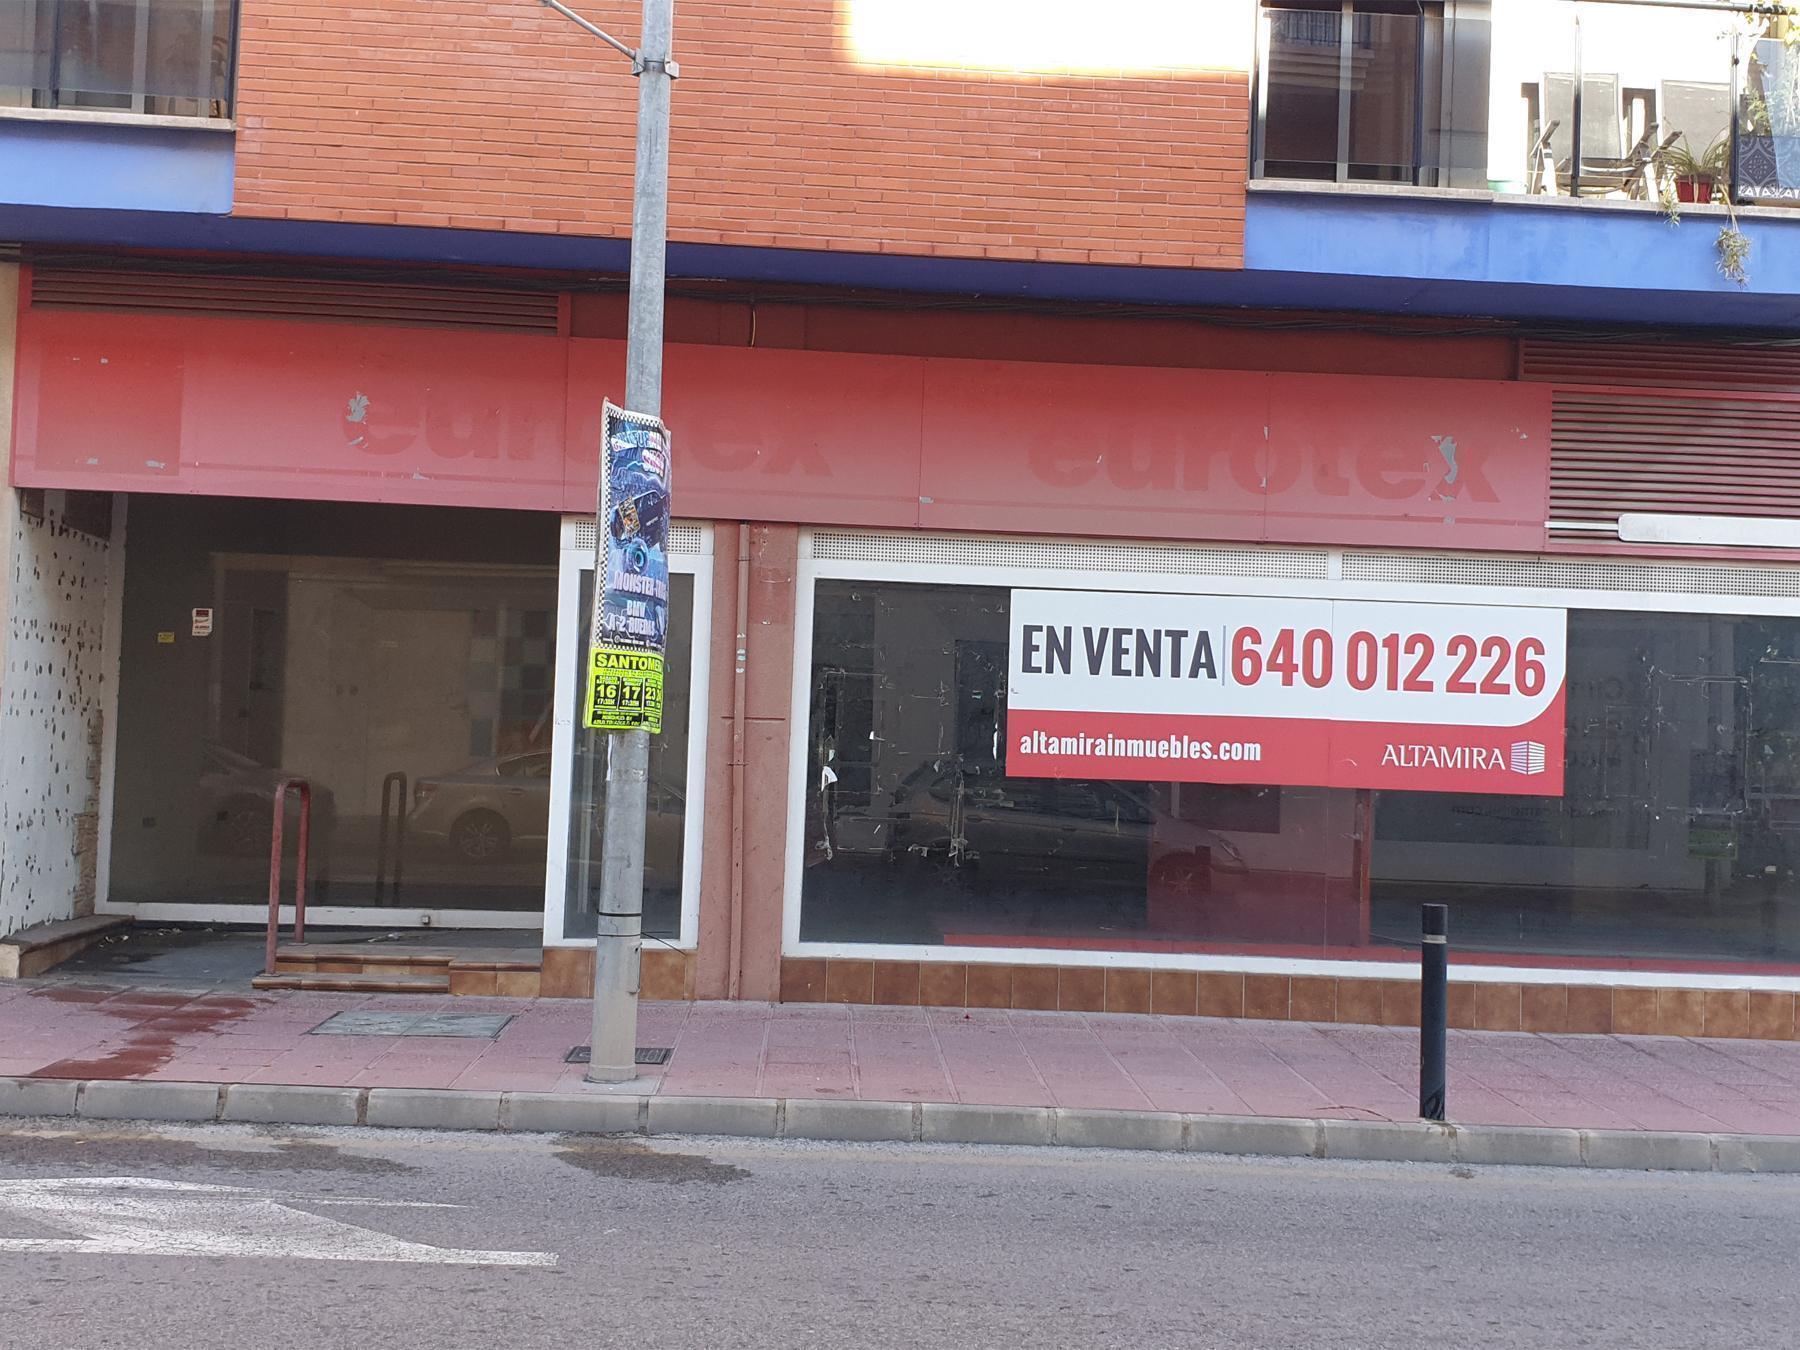 Premise Comercial in Santomera